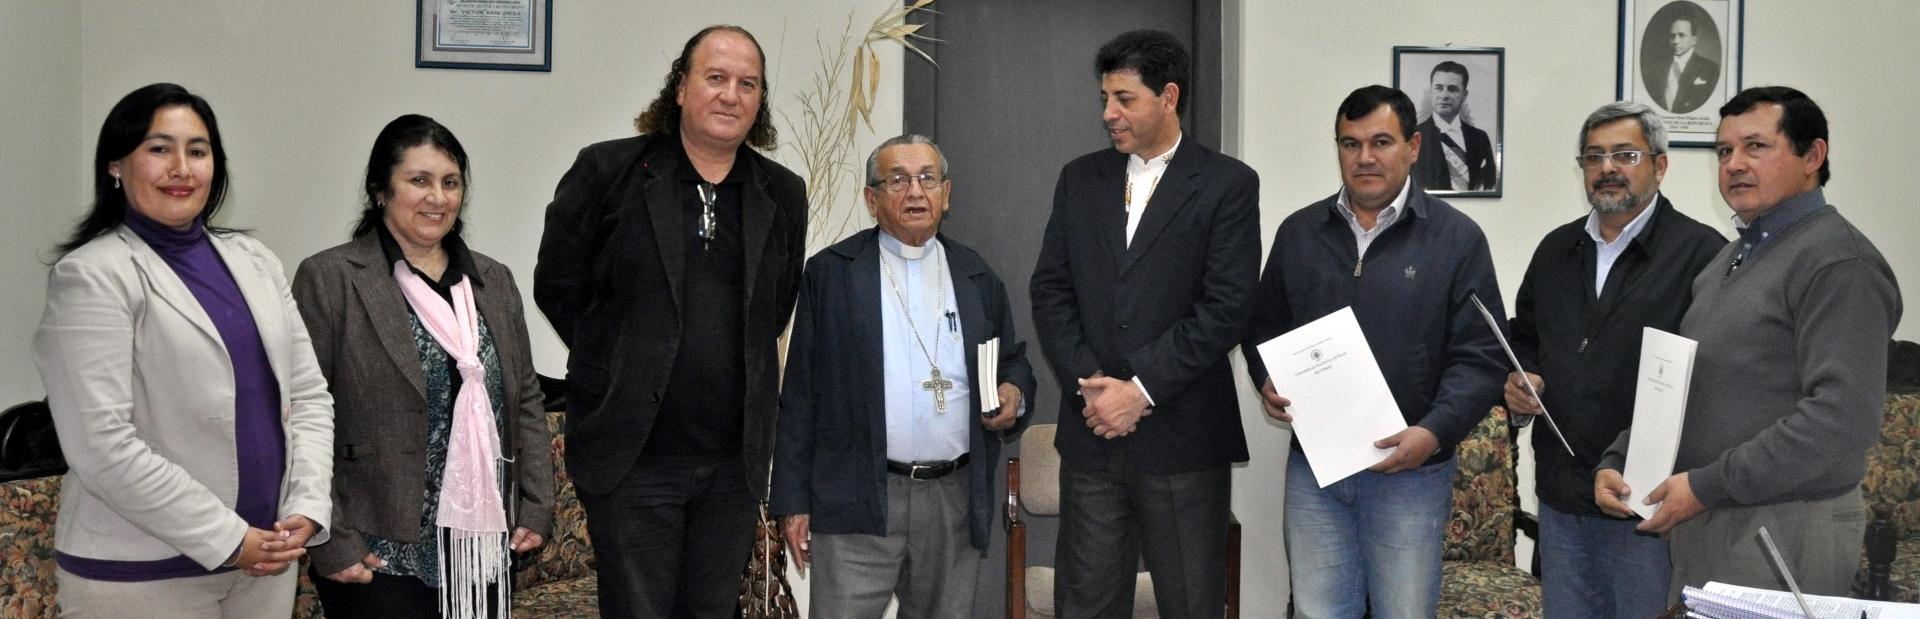 Firma de Convenio Marco entre la UNP y la Diócesis de San Juan Bautista Misiones DESTACADO